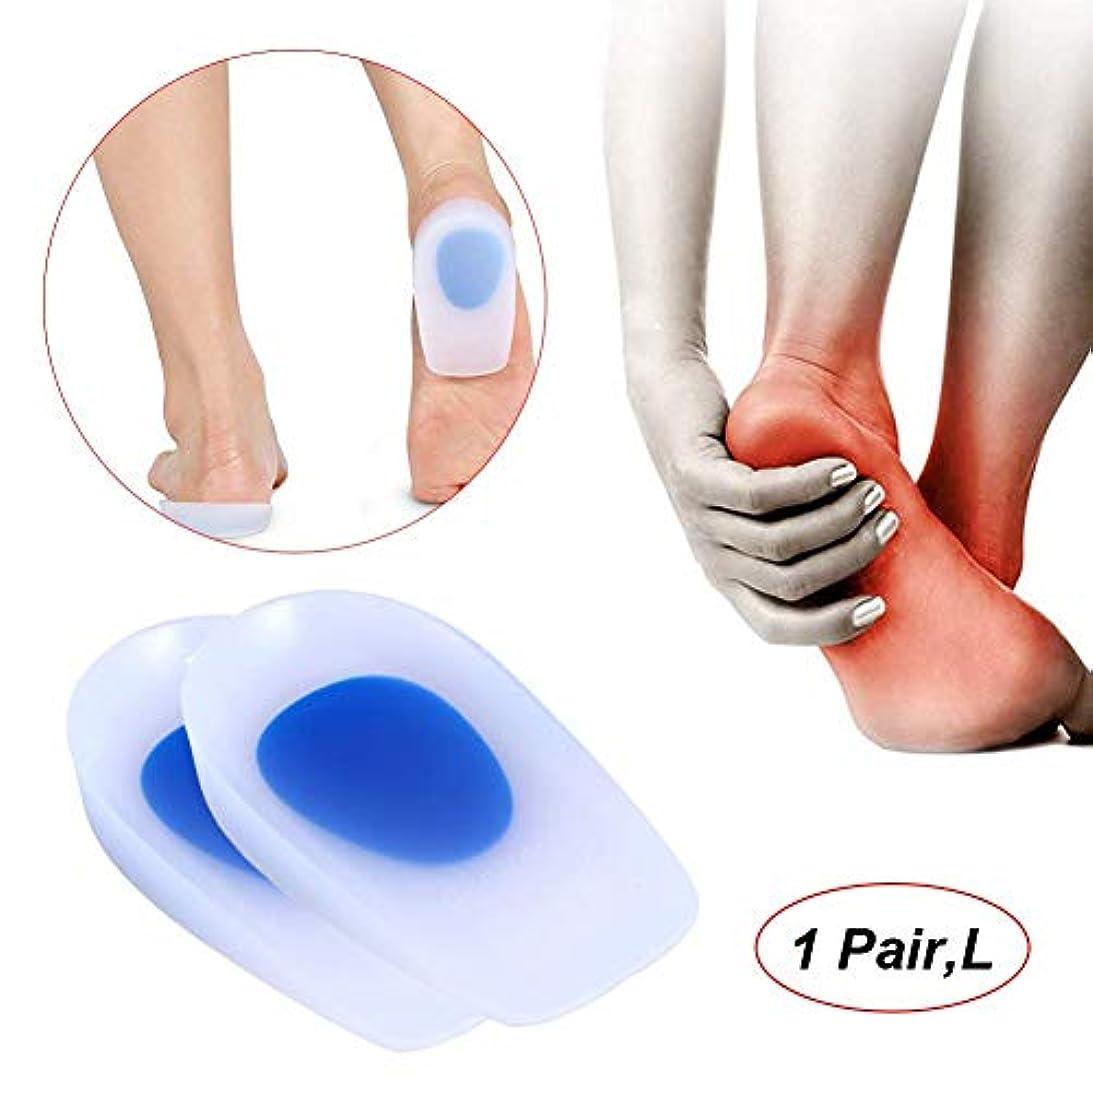 雇用憎しみ不調和ゲルヒールカップヒールシューズインサートパッド、足底筋膜炎の痛みを和らげる、男性と女性のヒール骨棘とアキレス腱炎(1ペア)L